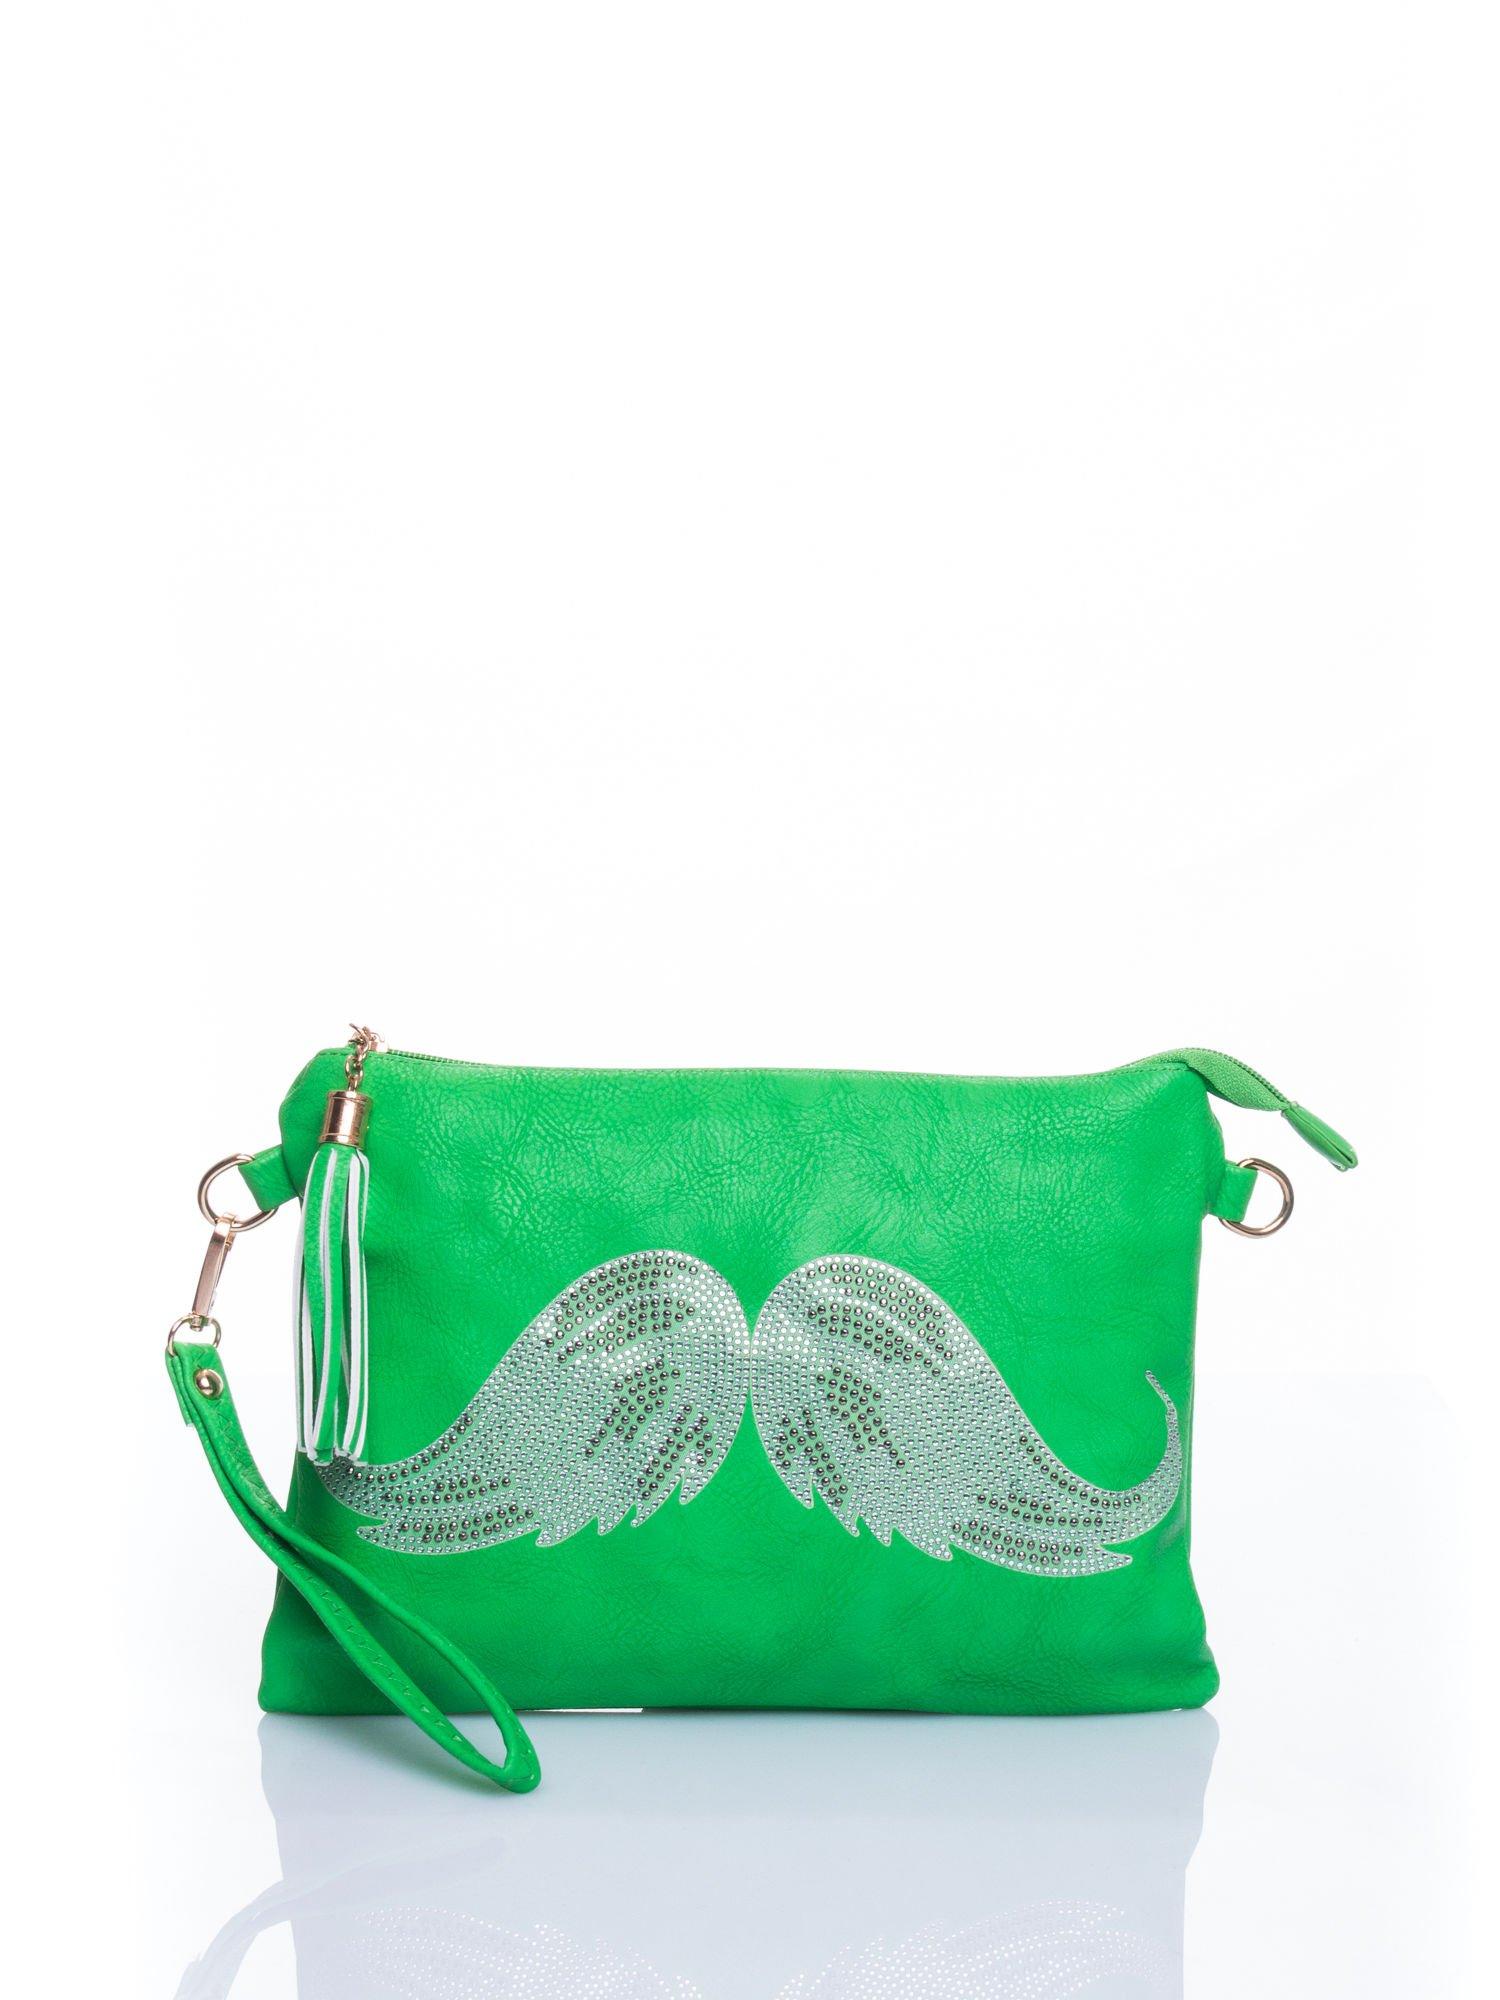 Zielona kopertówka z dżetami motyw wąsów                                  zdj.                                  1